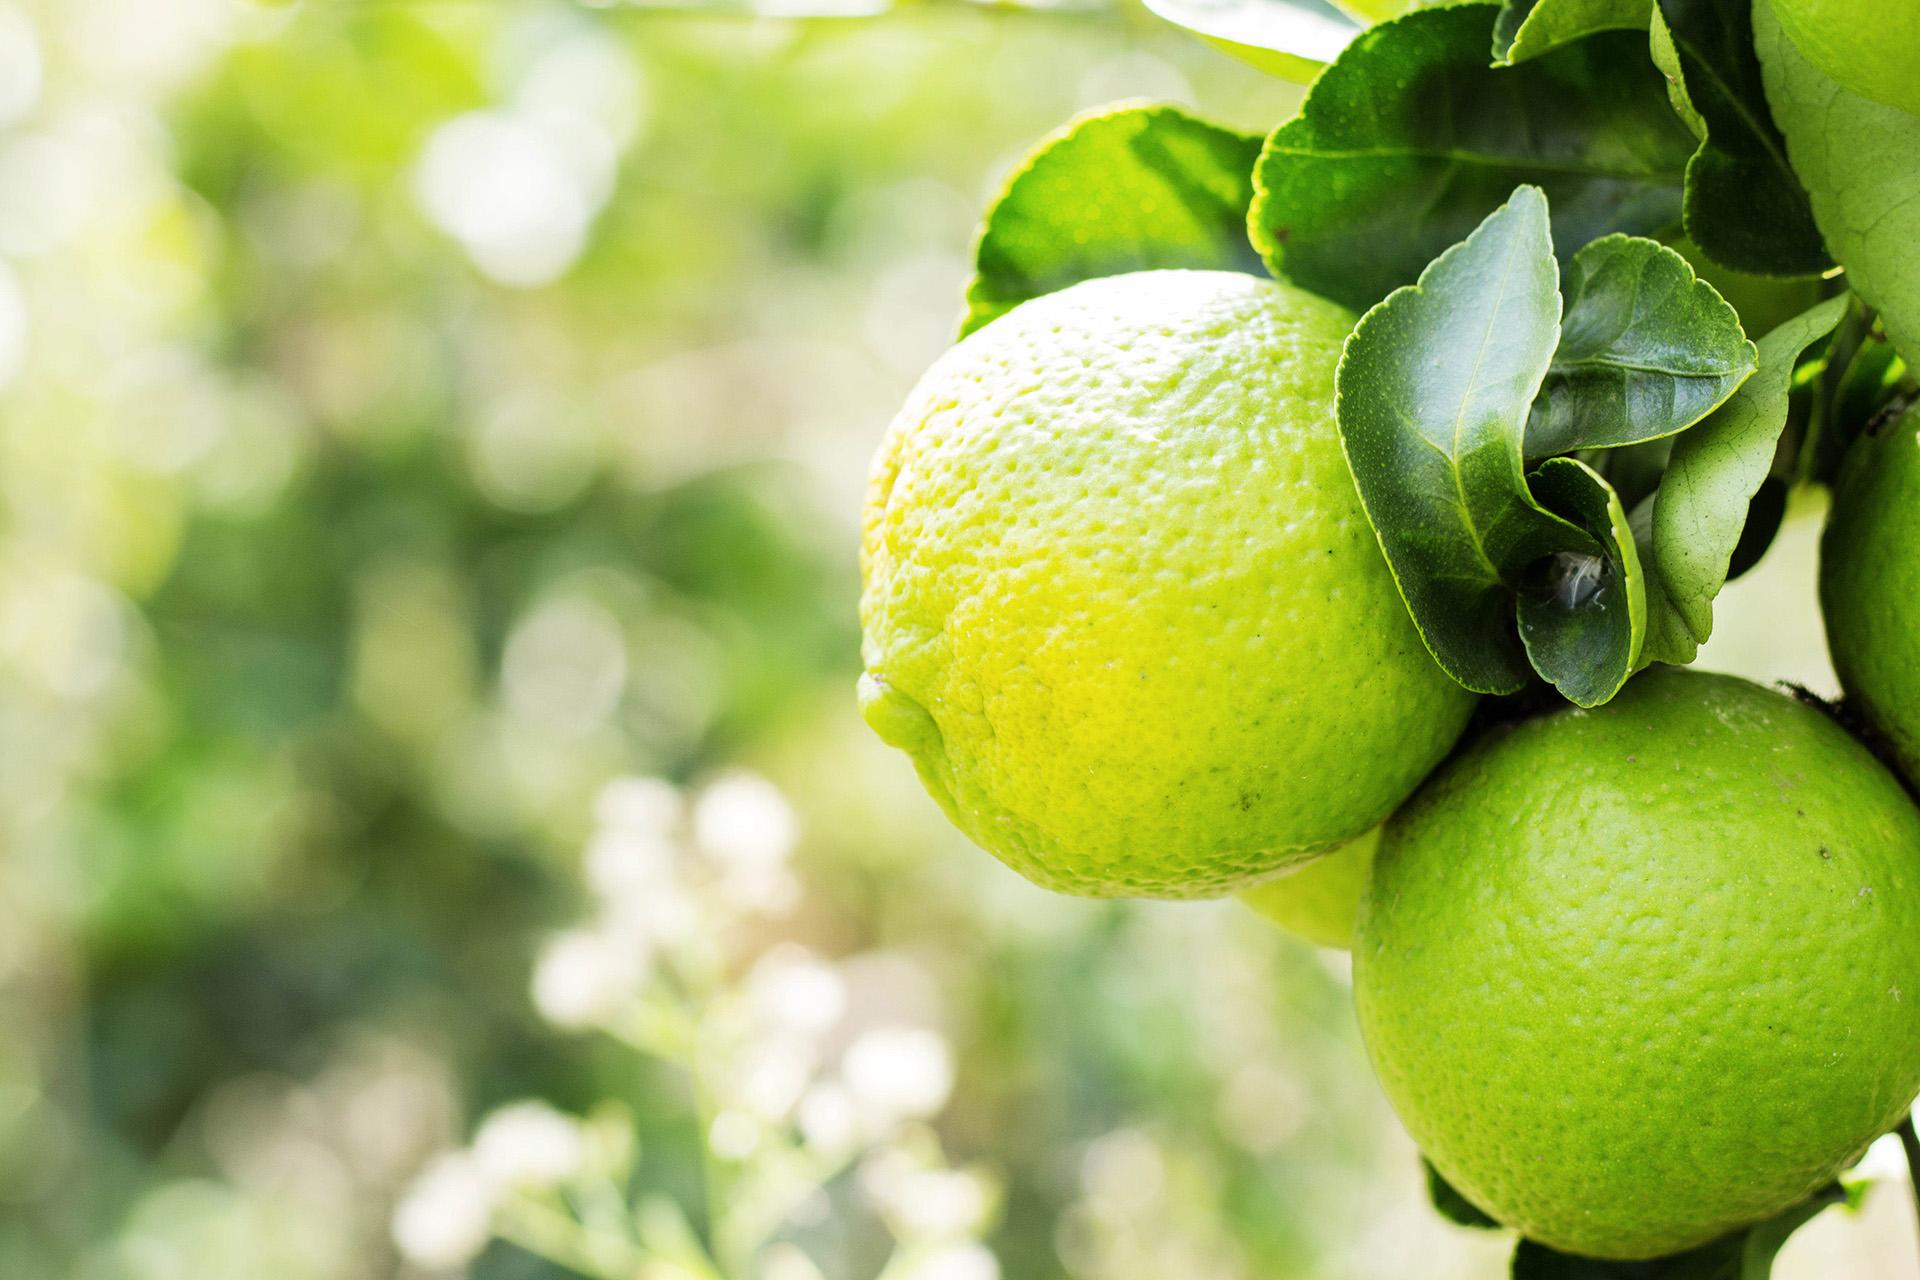 Se espera que los mercados de limón se fortalezcan